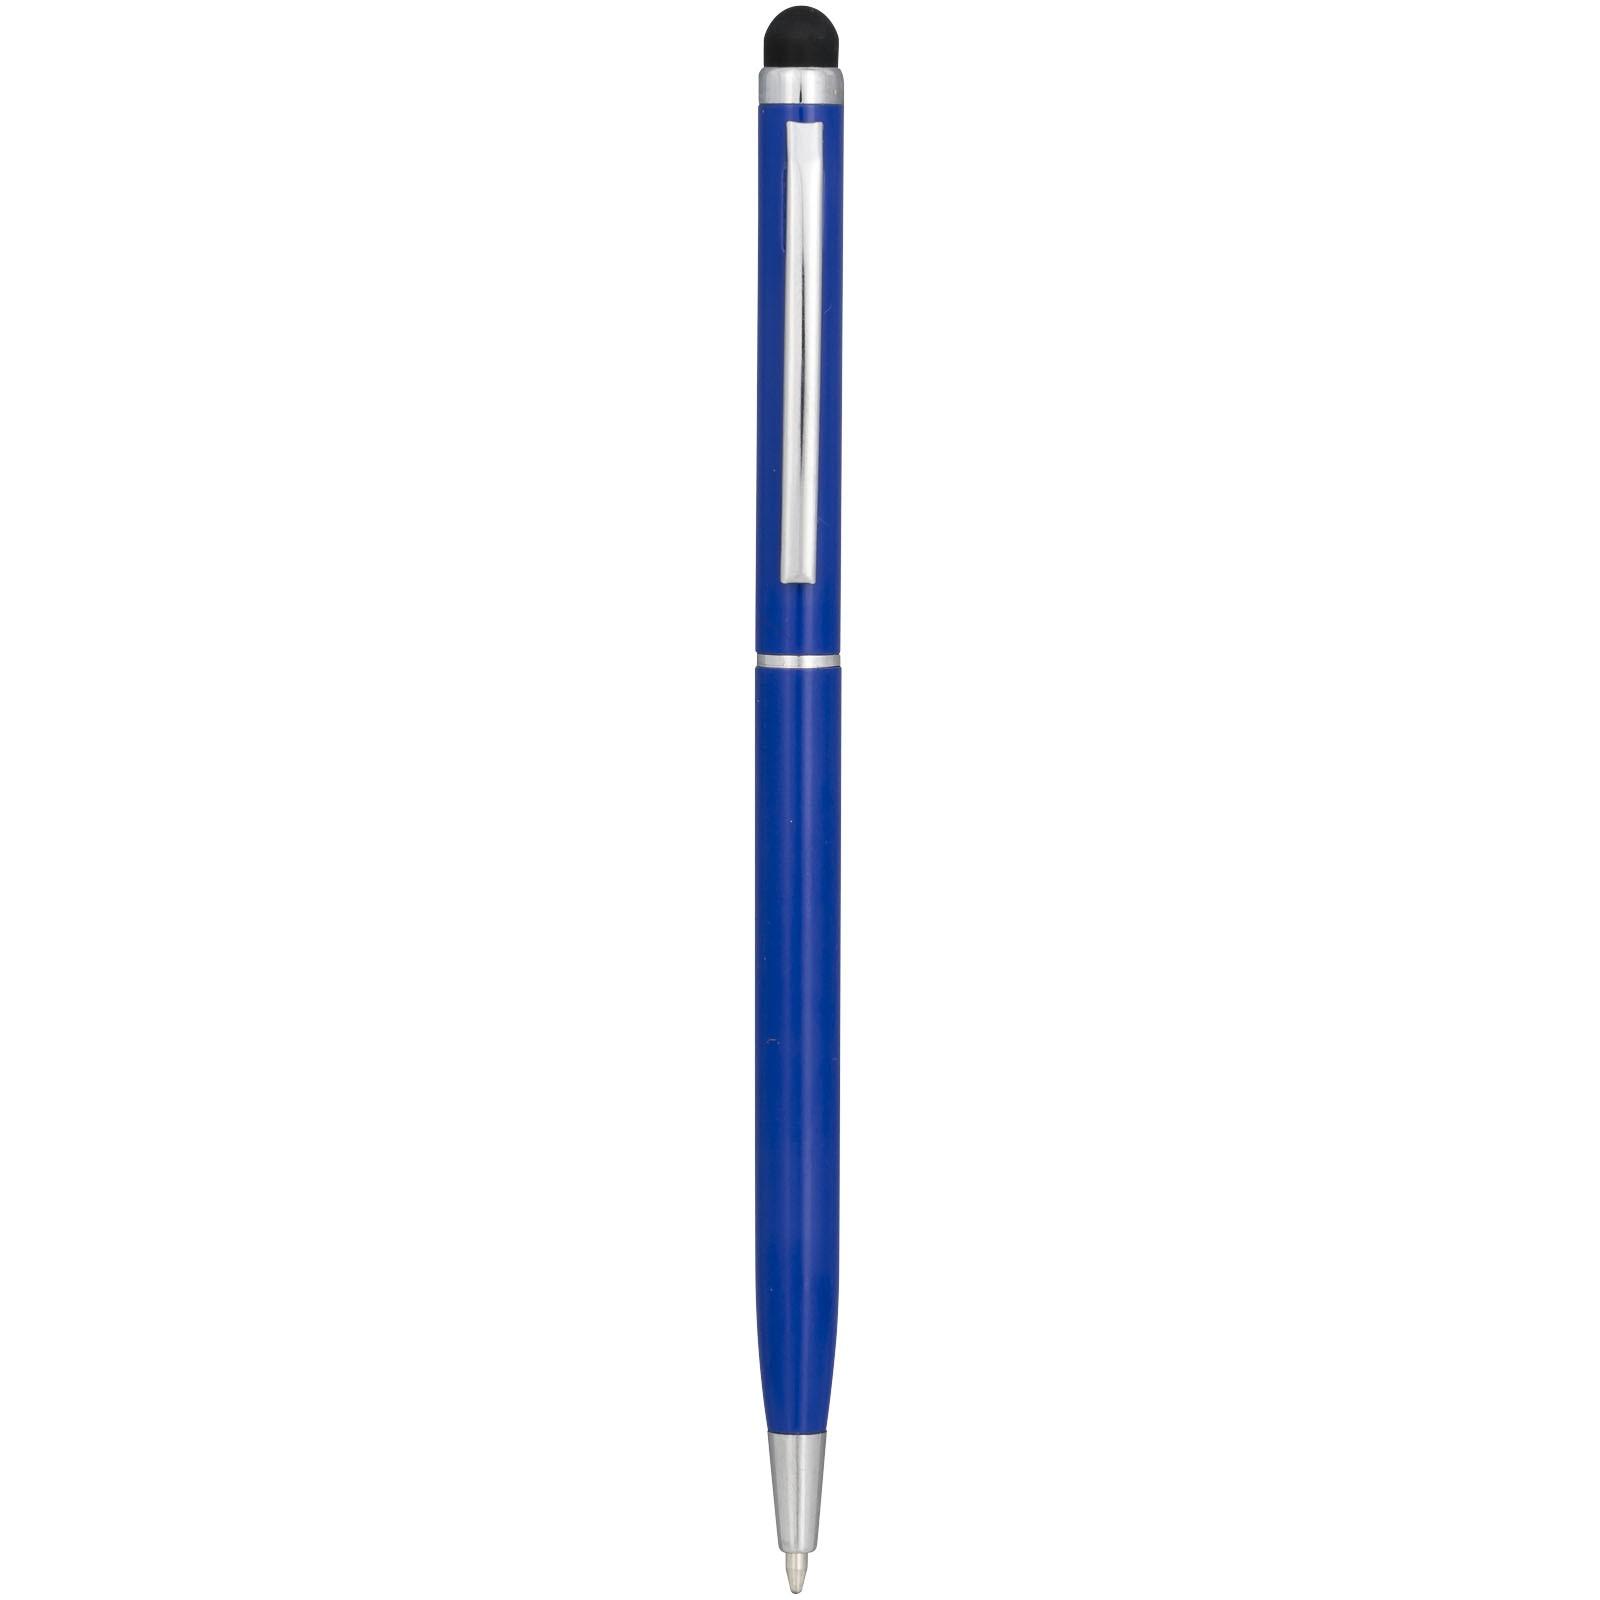 Hliníkové kuličkové pero Joyce - Světle modrá